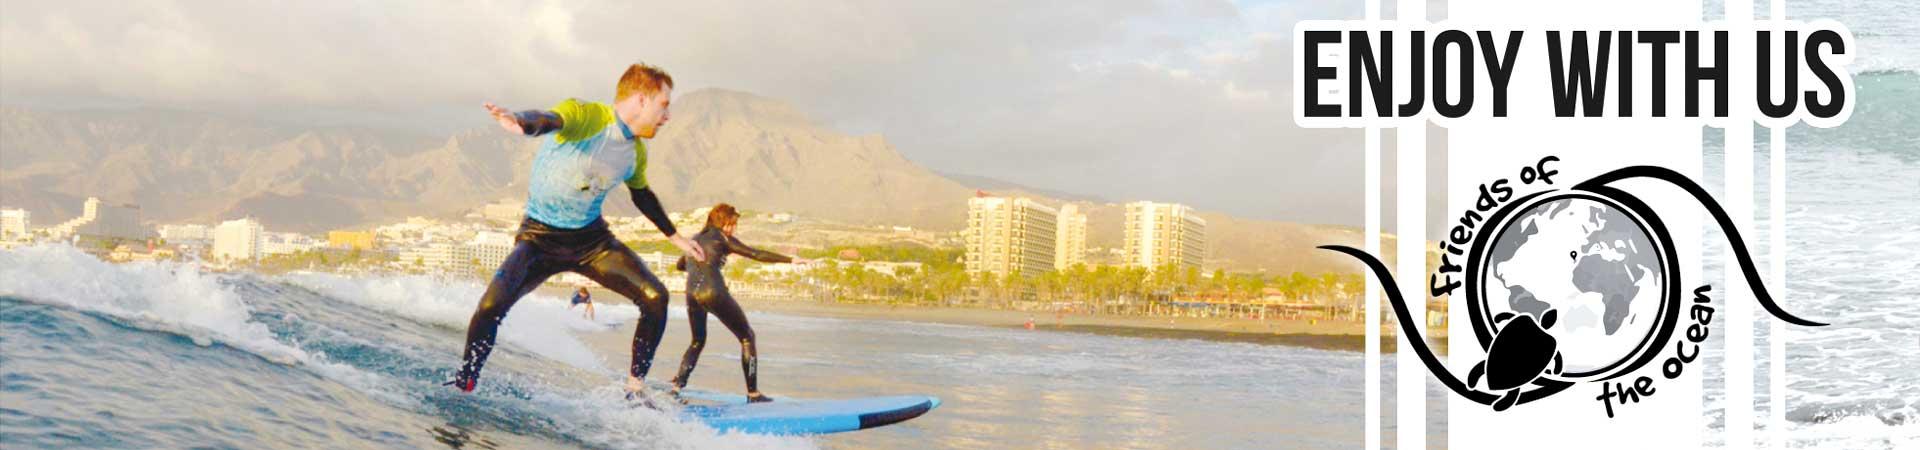 https://www.goodmorningtenerife.com/wp-content/uploads/2019/08/01_friends-of-ocean-tenerife-surf-center-good-morning-tenerife_slide.jpg